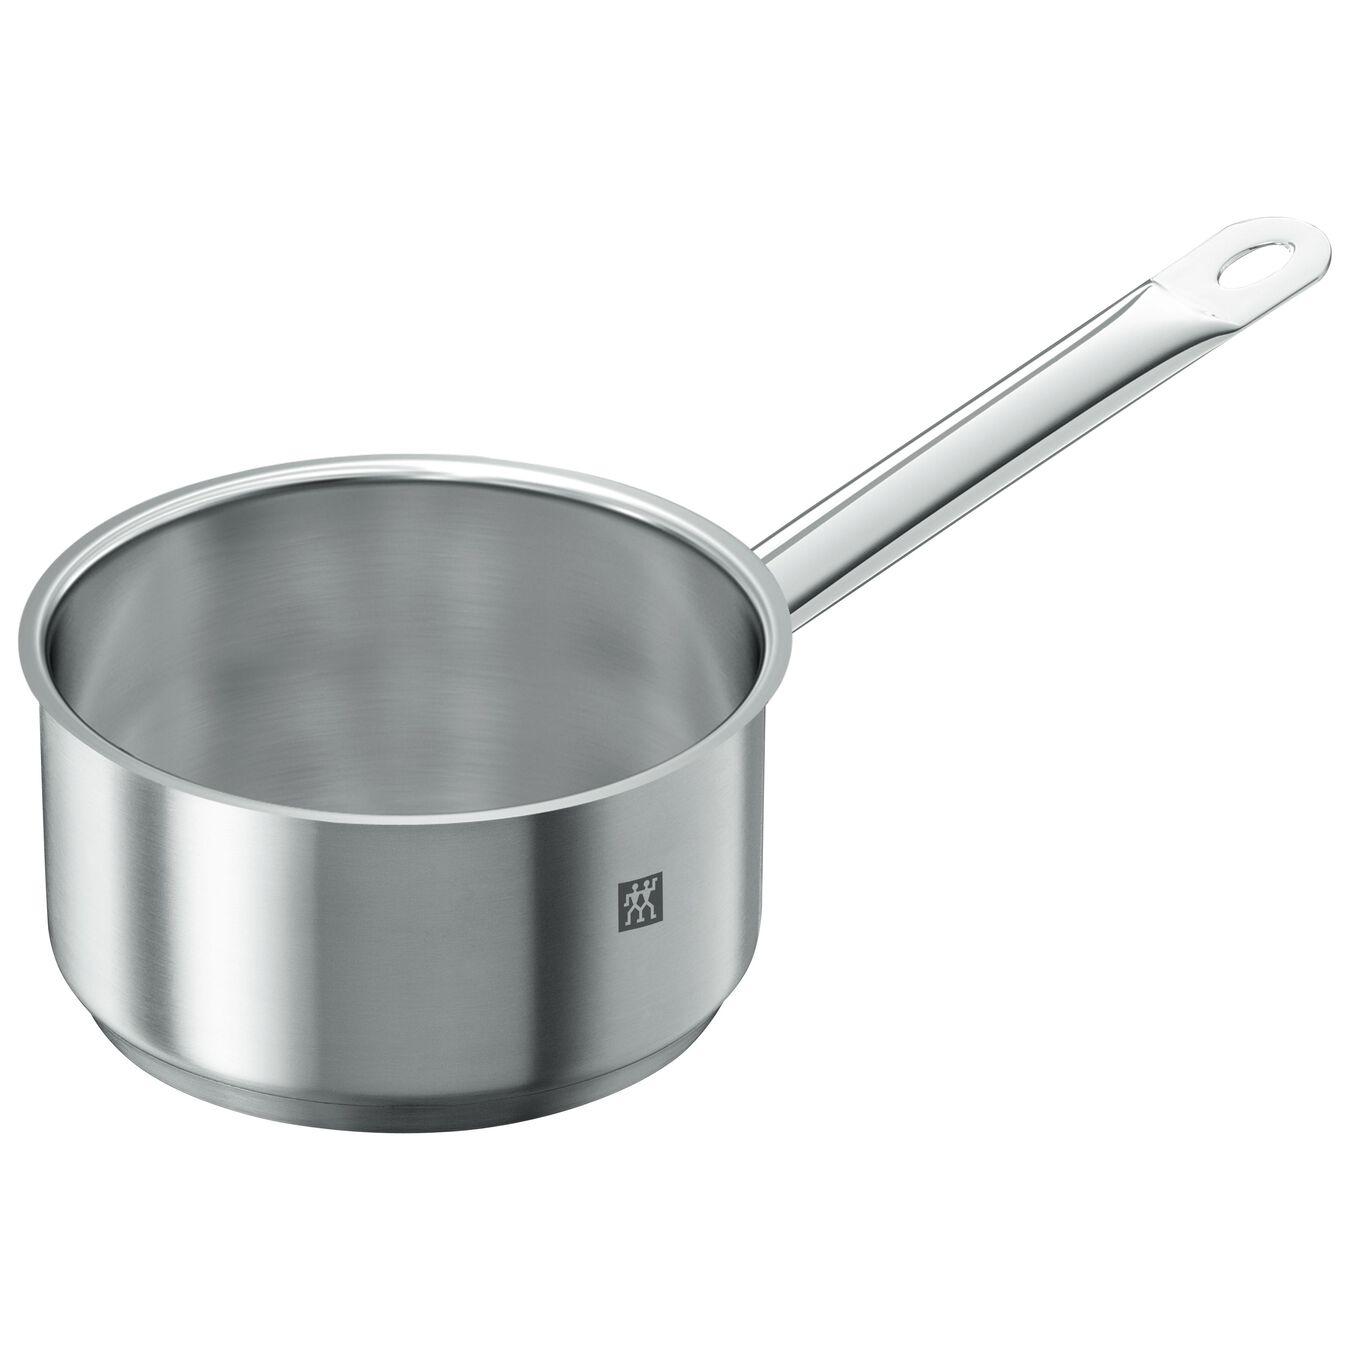 Stieltopf 16 cm, 18/10 Edelstahl, Silber,,large 3